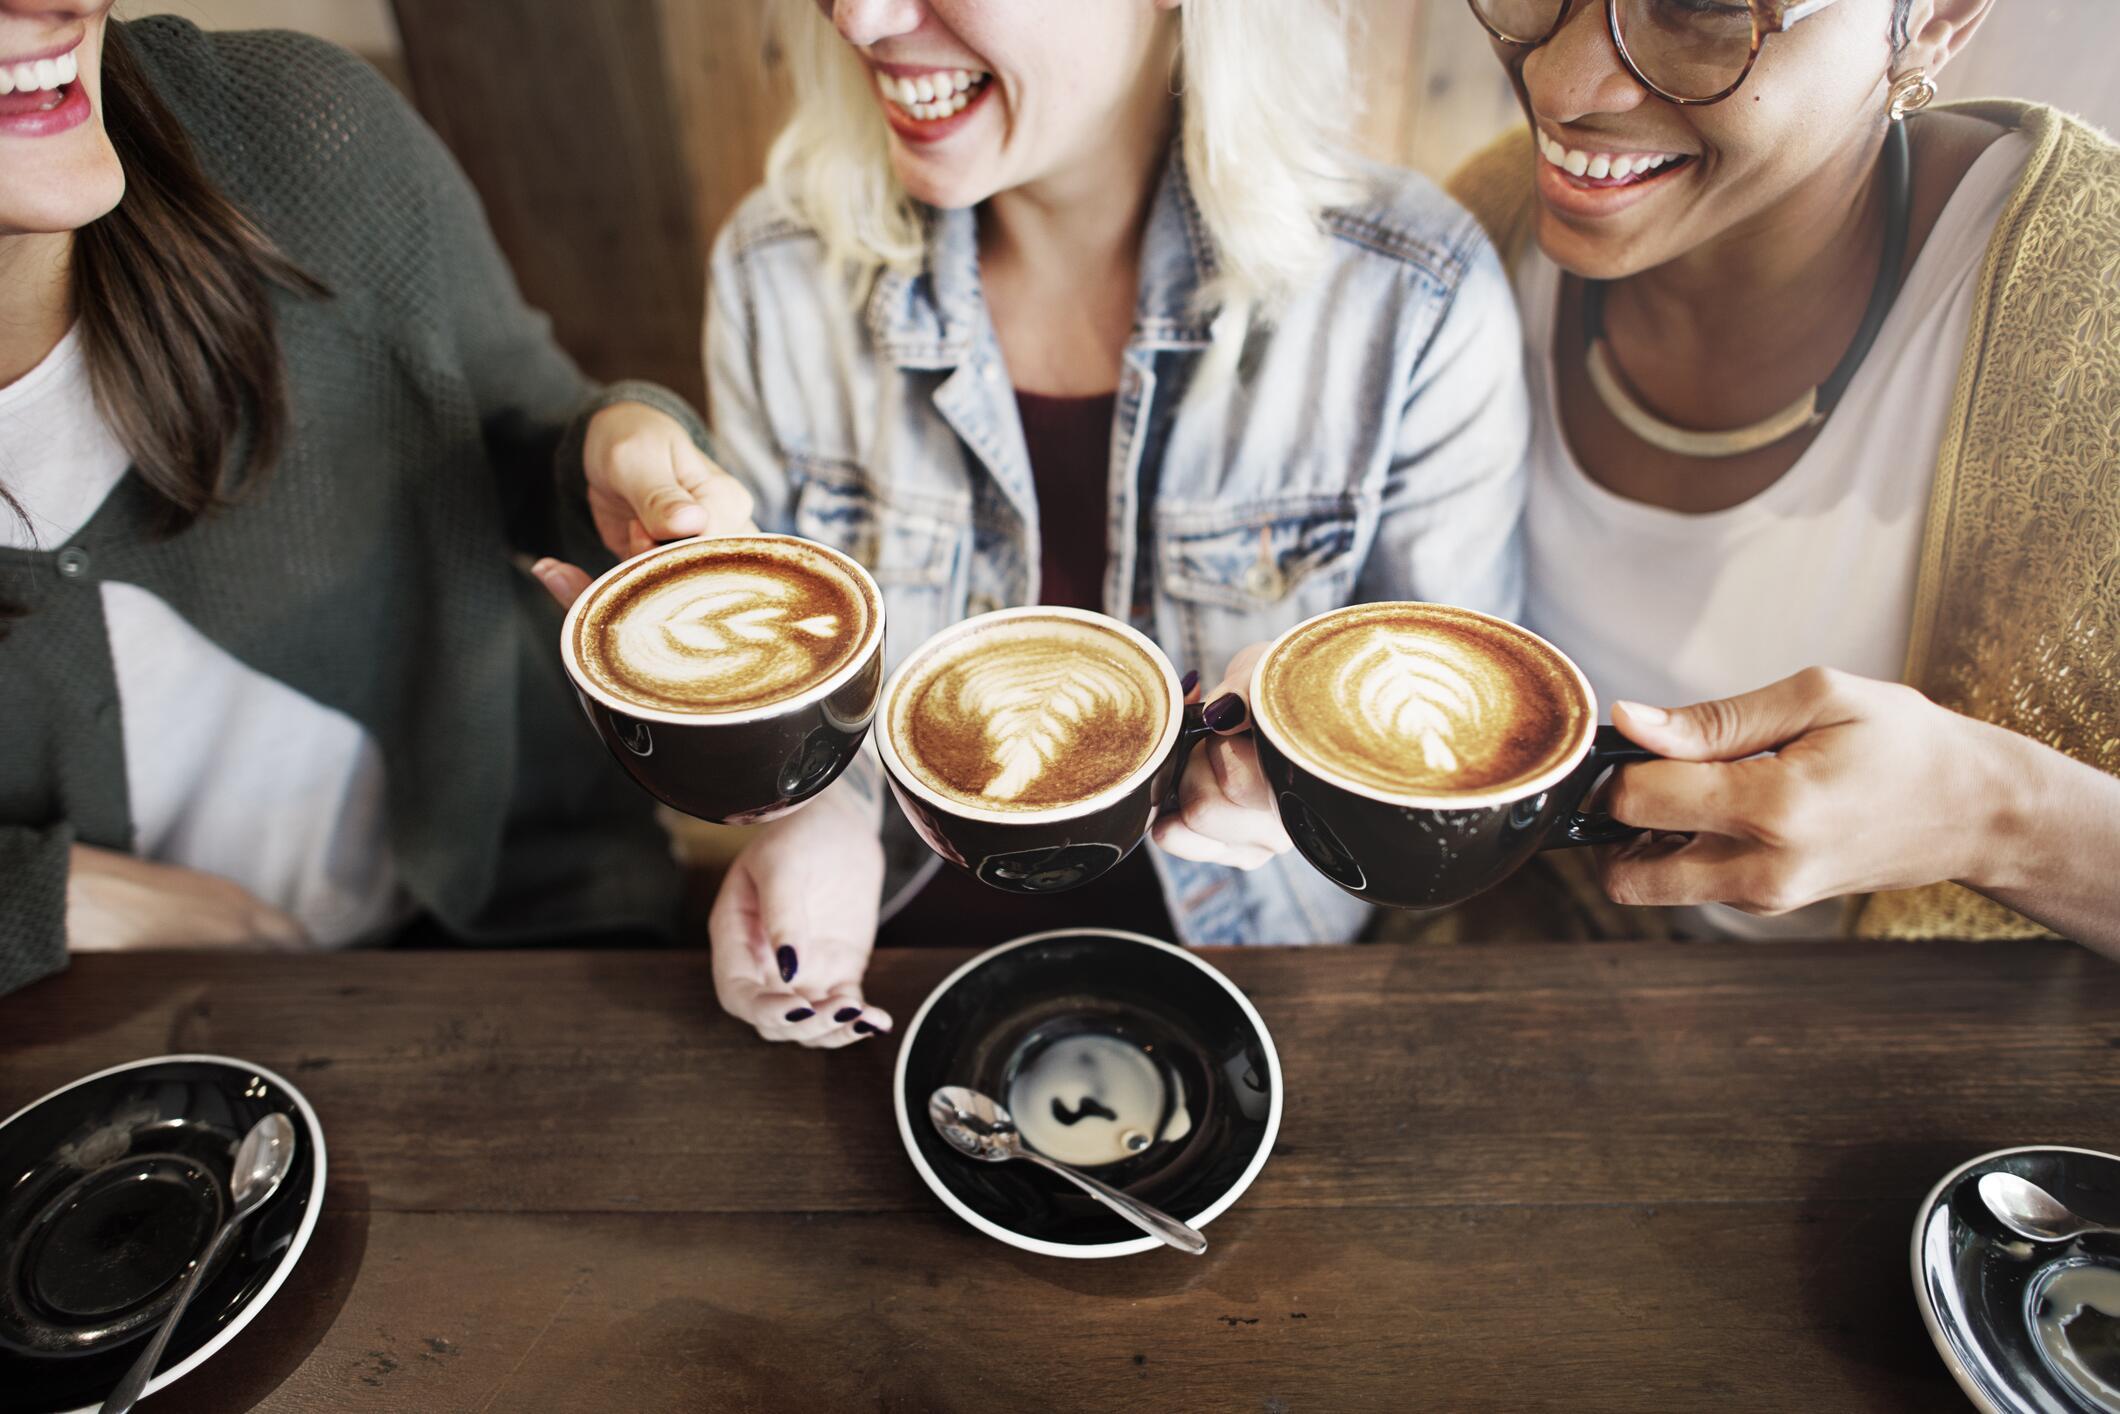 Bild zu Drei Frauen gehen gemeinsam Kaffee trinken.